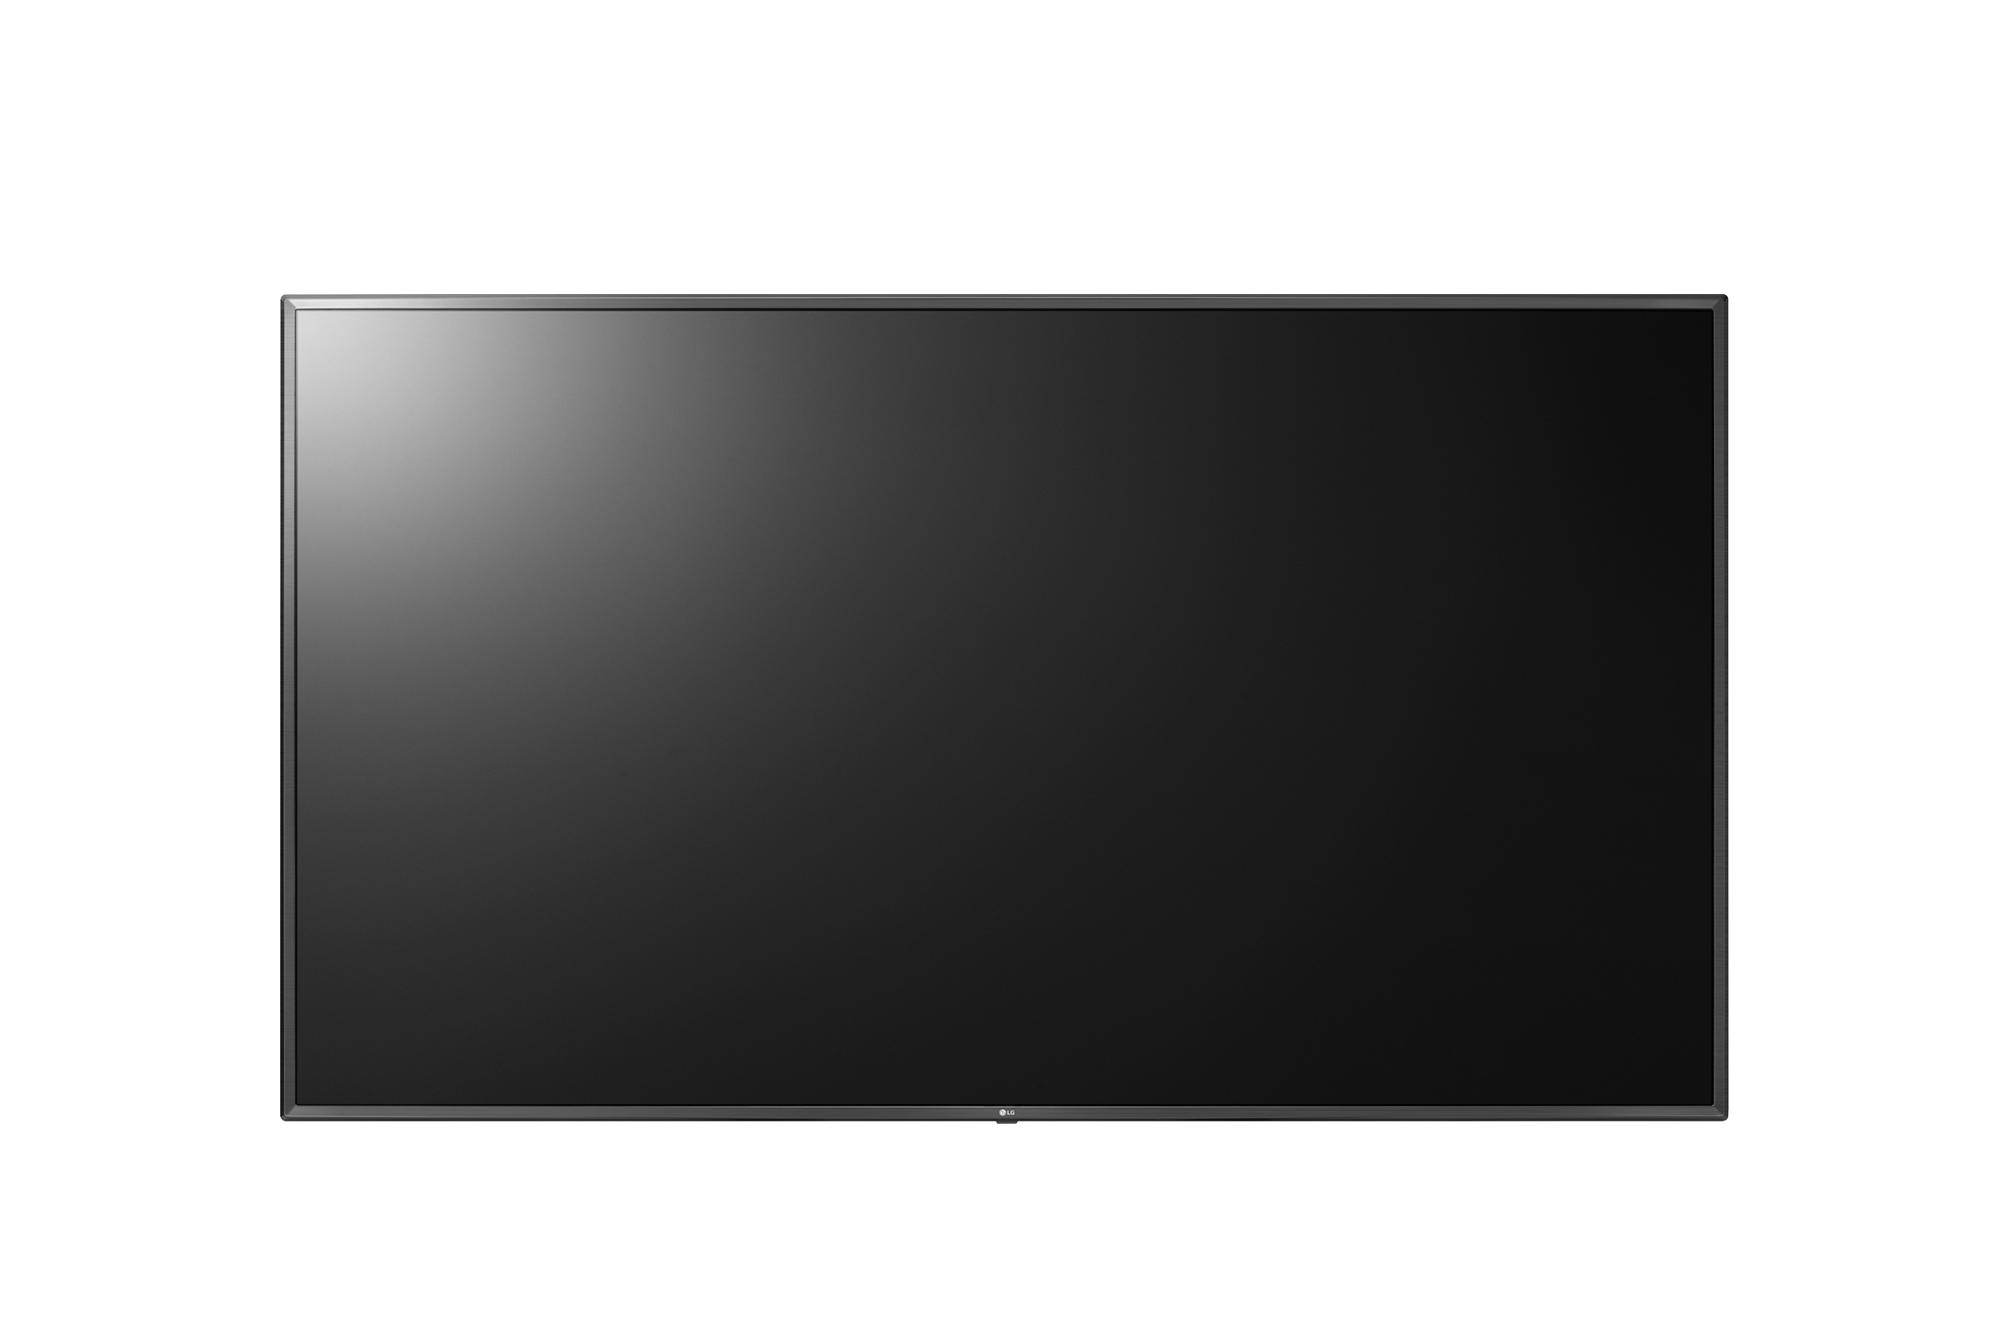 LG Standard Premium 86UL3G-B 2